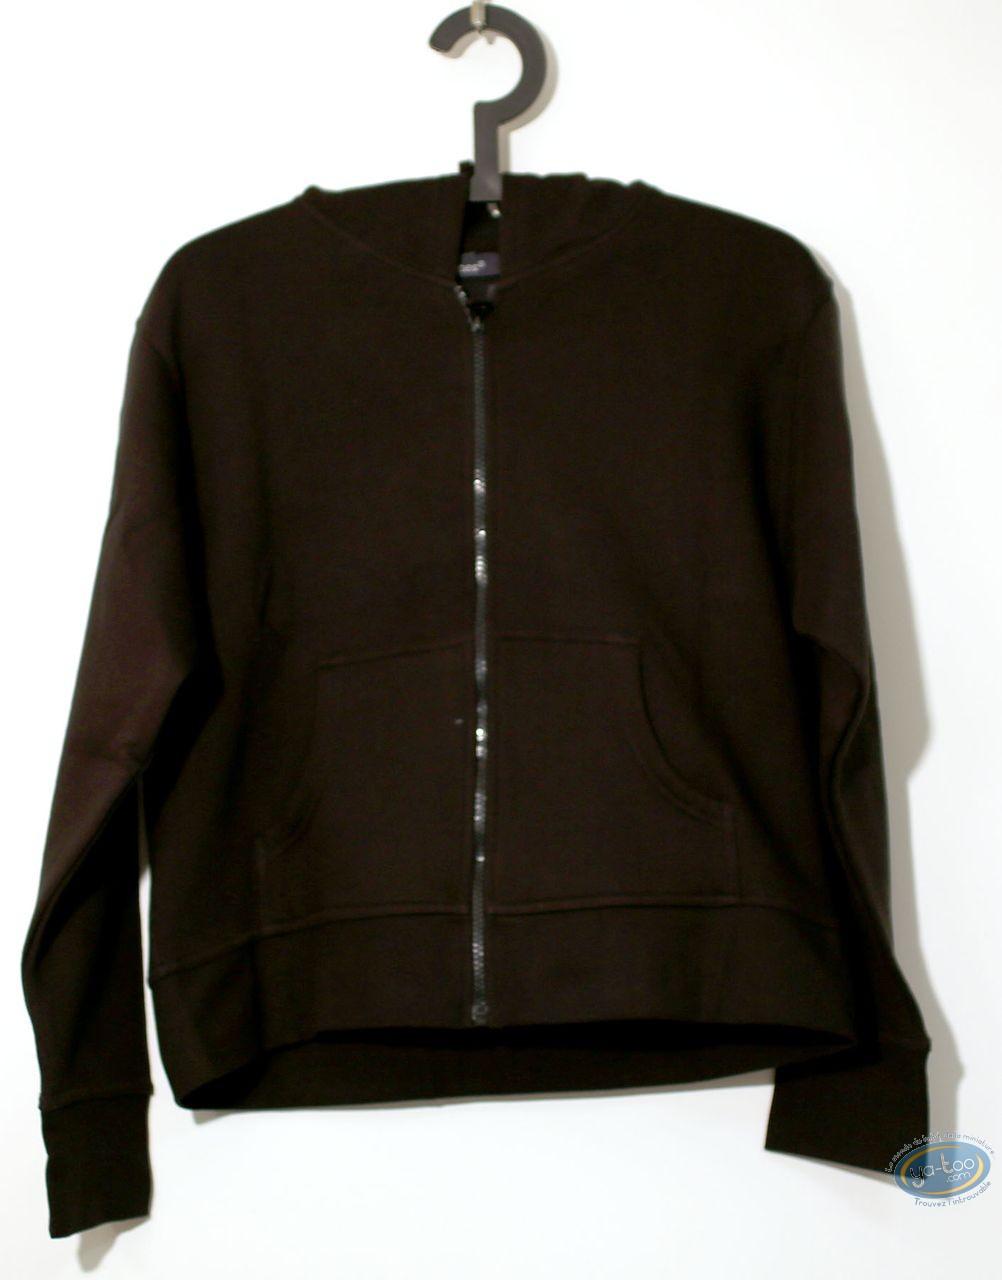 Vêtement, Corto Maltese : Sweat-shirt, Capuche noir 04-03 taille S